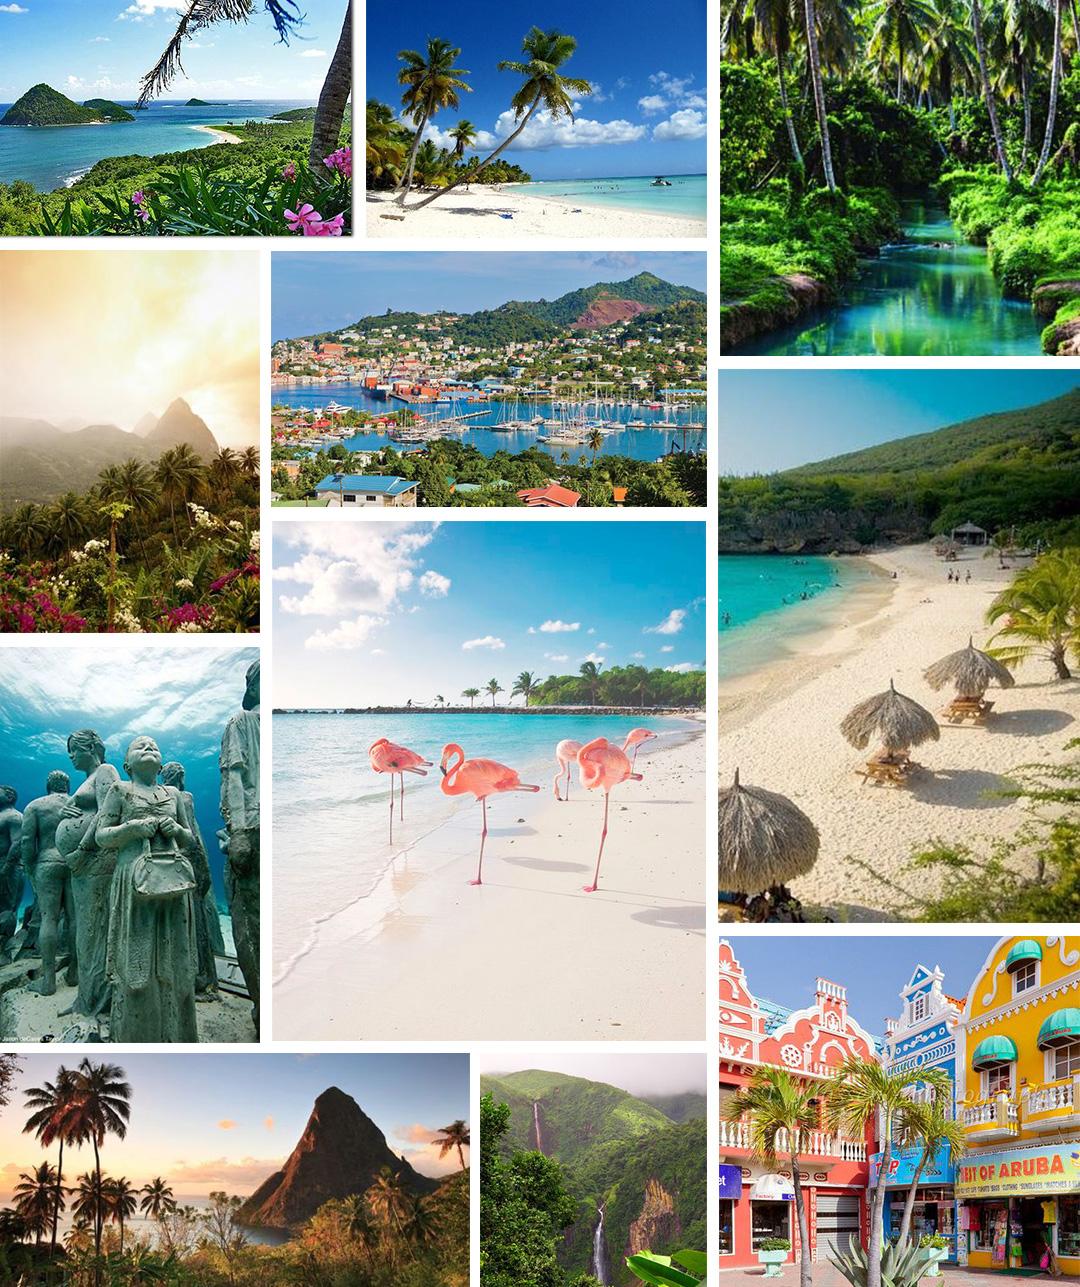 Karibik Collage Kreuzfahrt TUI Mein Schiff Impressionen